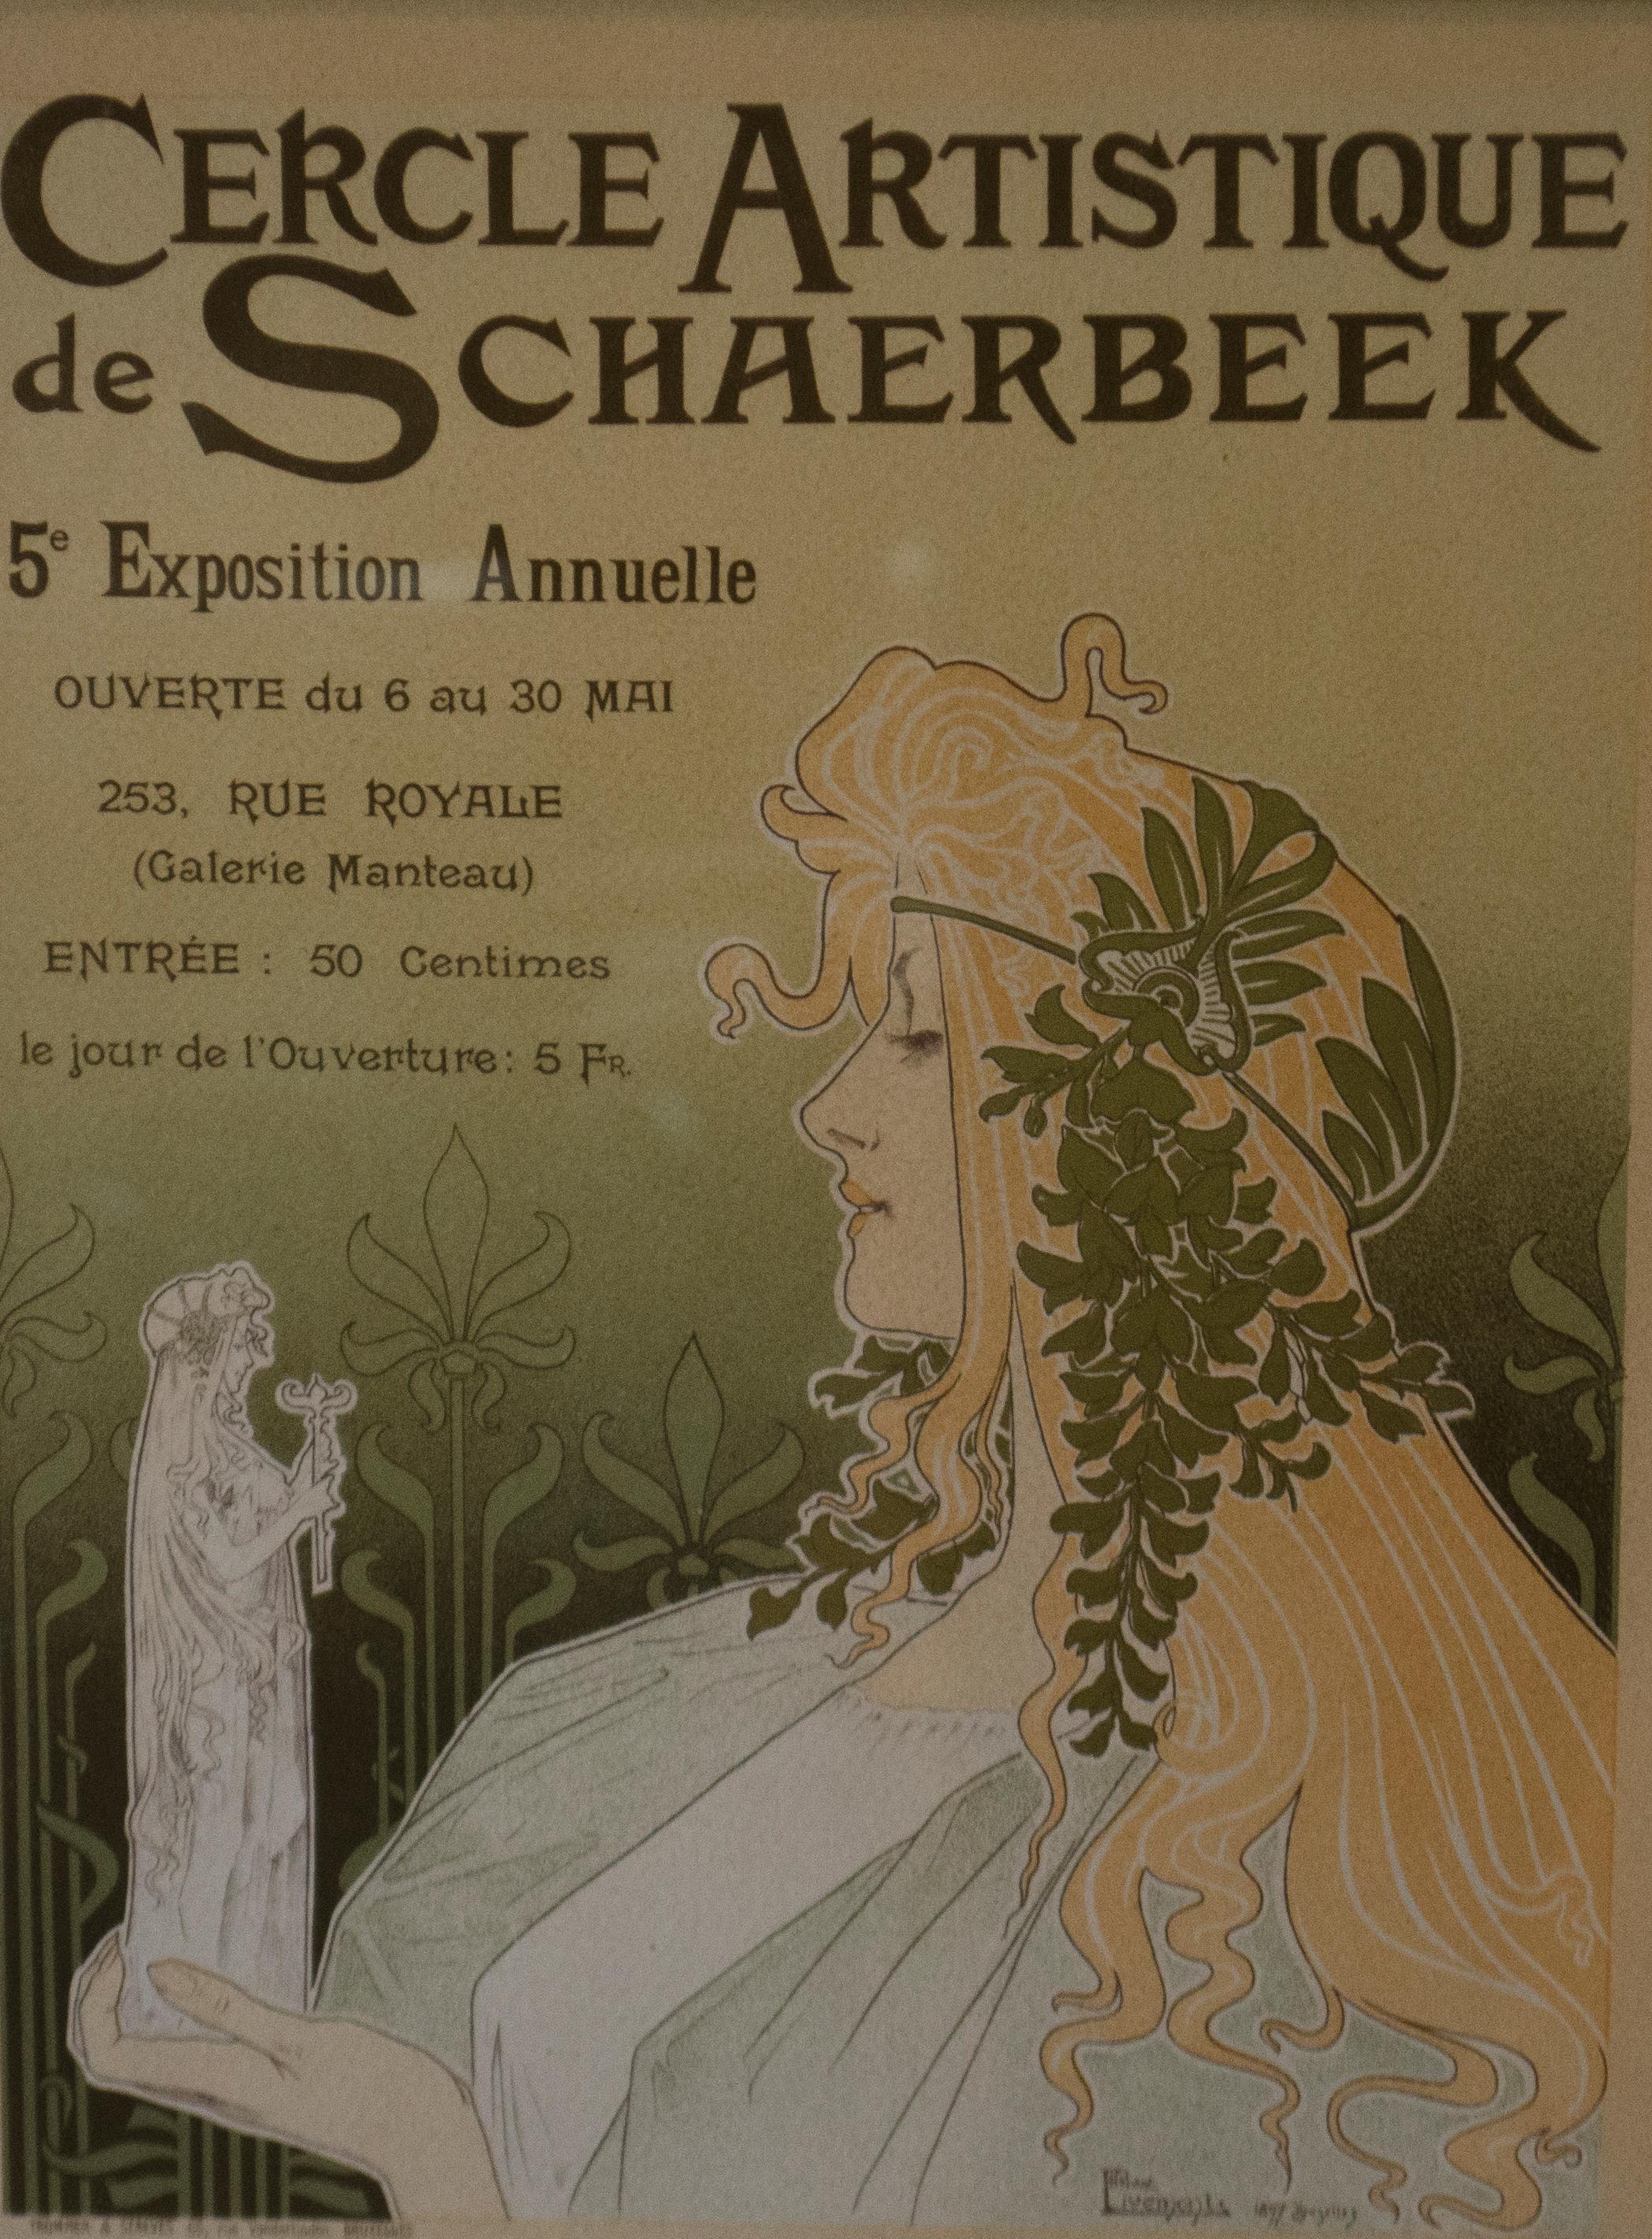 Cercle Artistique de Schaerbeek